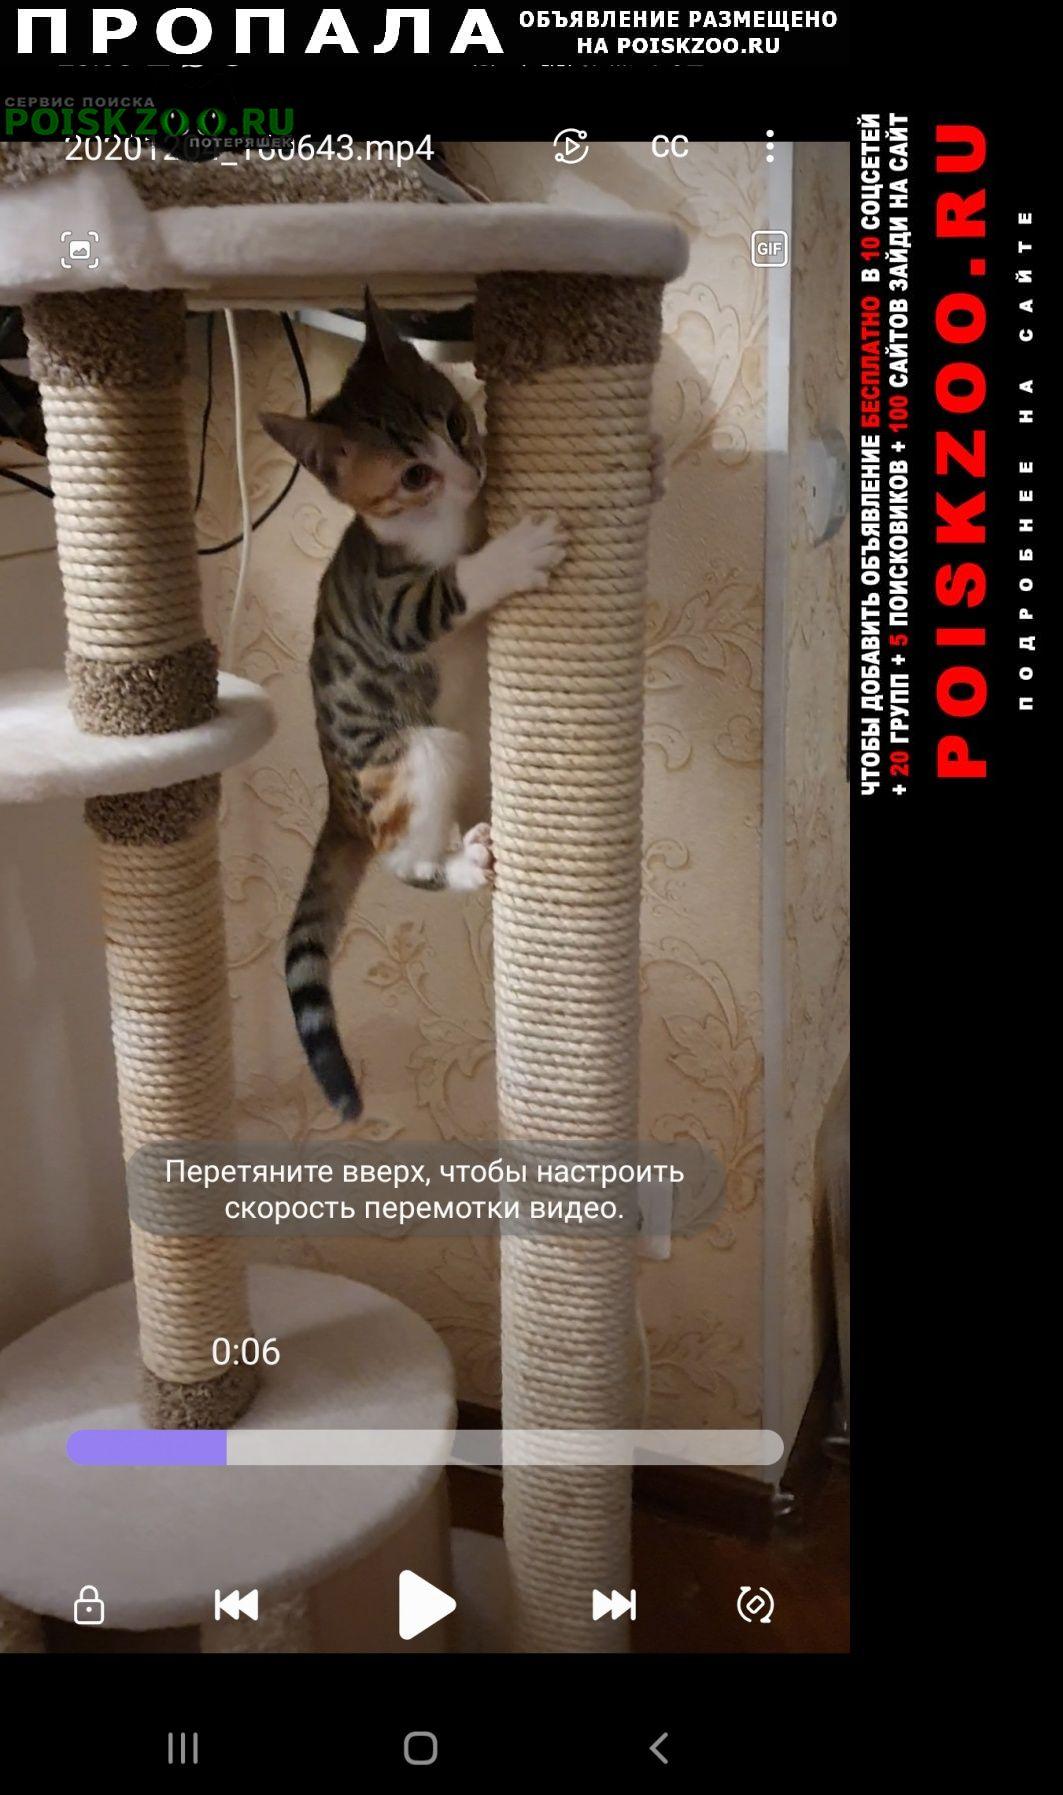 Пропала кошка помесь бенгалки и дворянина м выхино Москва